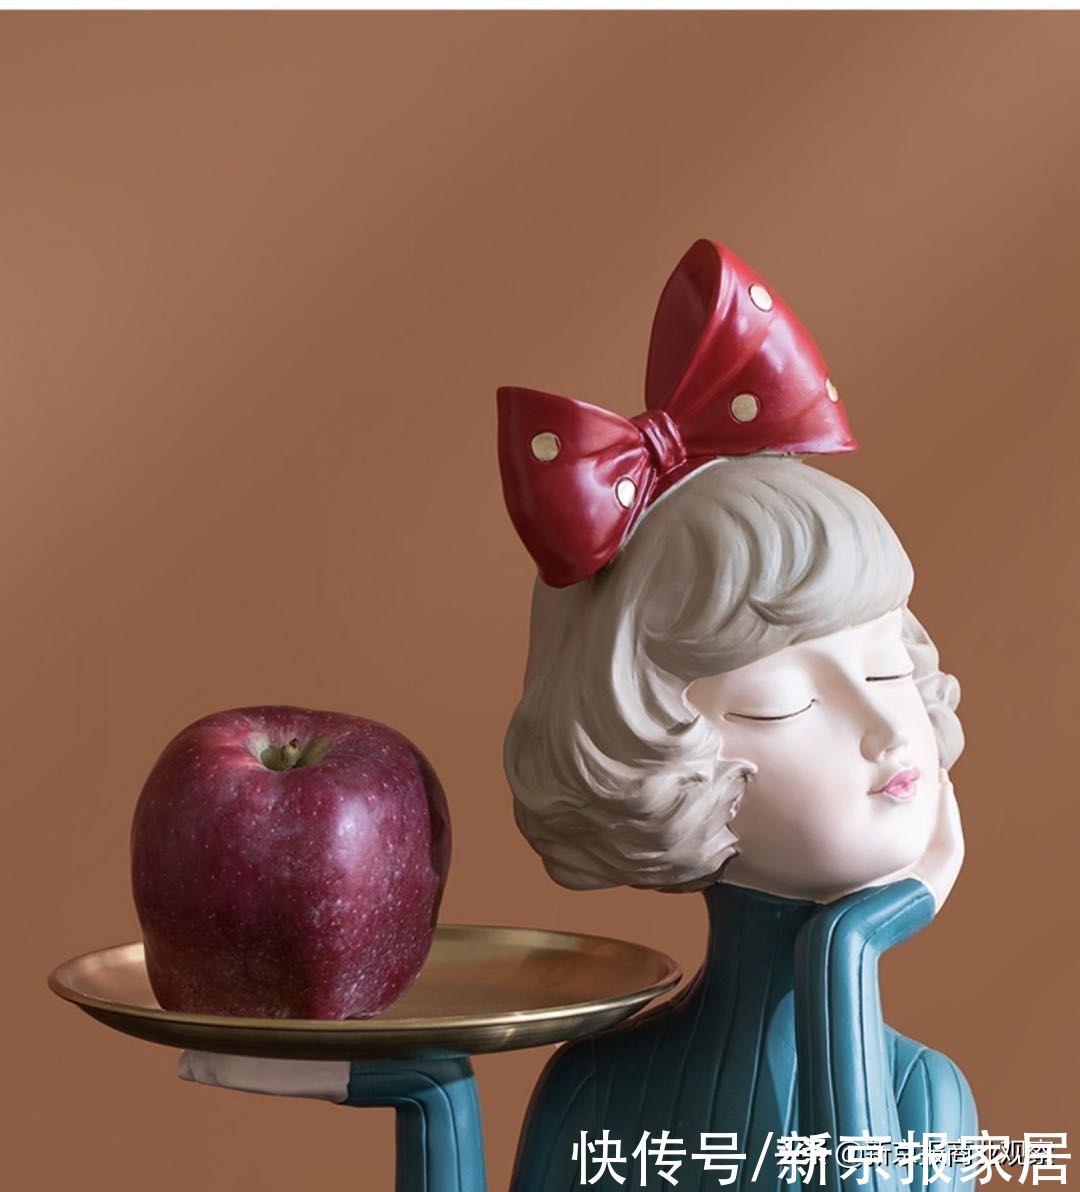 好物丨创意果盘提升格调,让彩色树、蝴蝶结女孩给美味水果加分